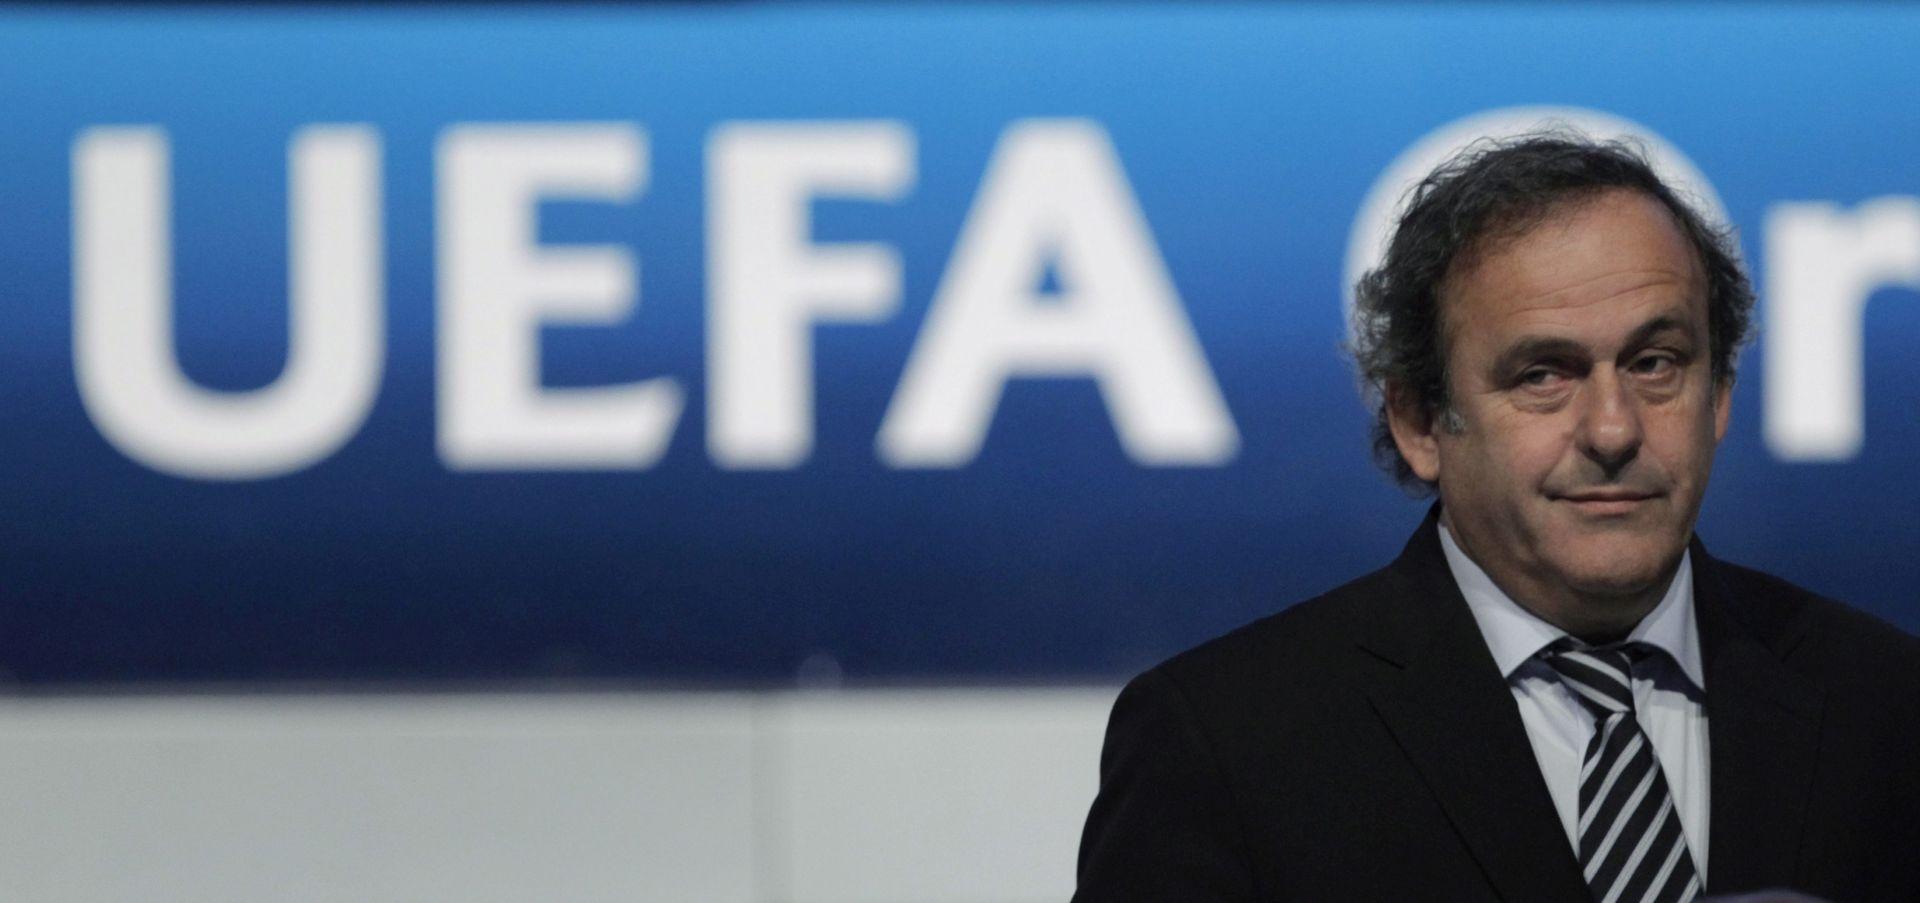 ODUSTAO JE! Michel Platini objavio da povlači kandidaturu za predsjednika FIFA-e